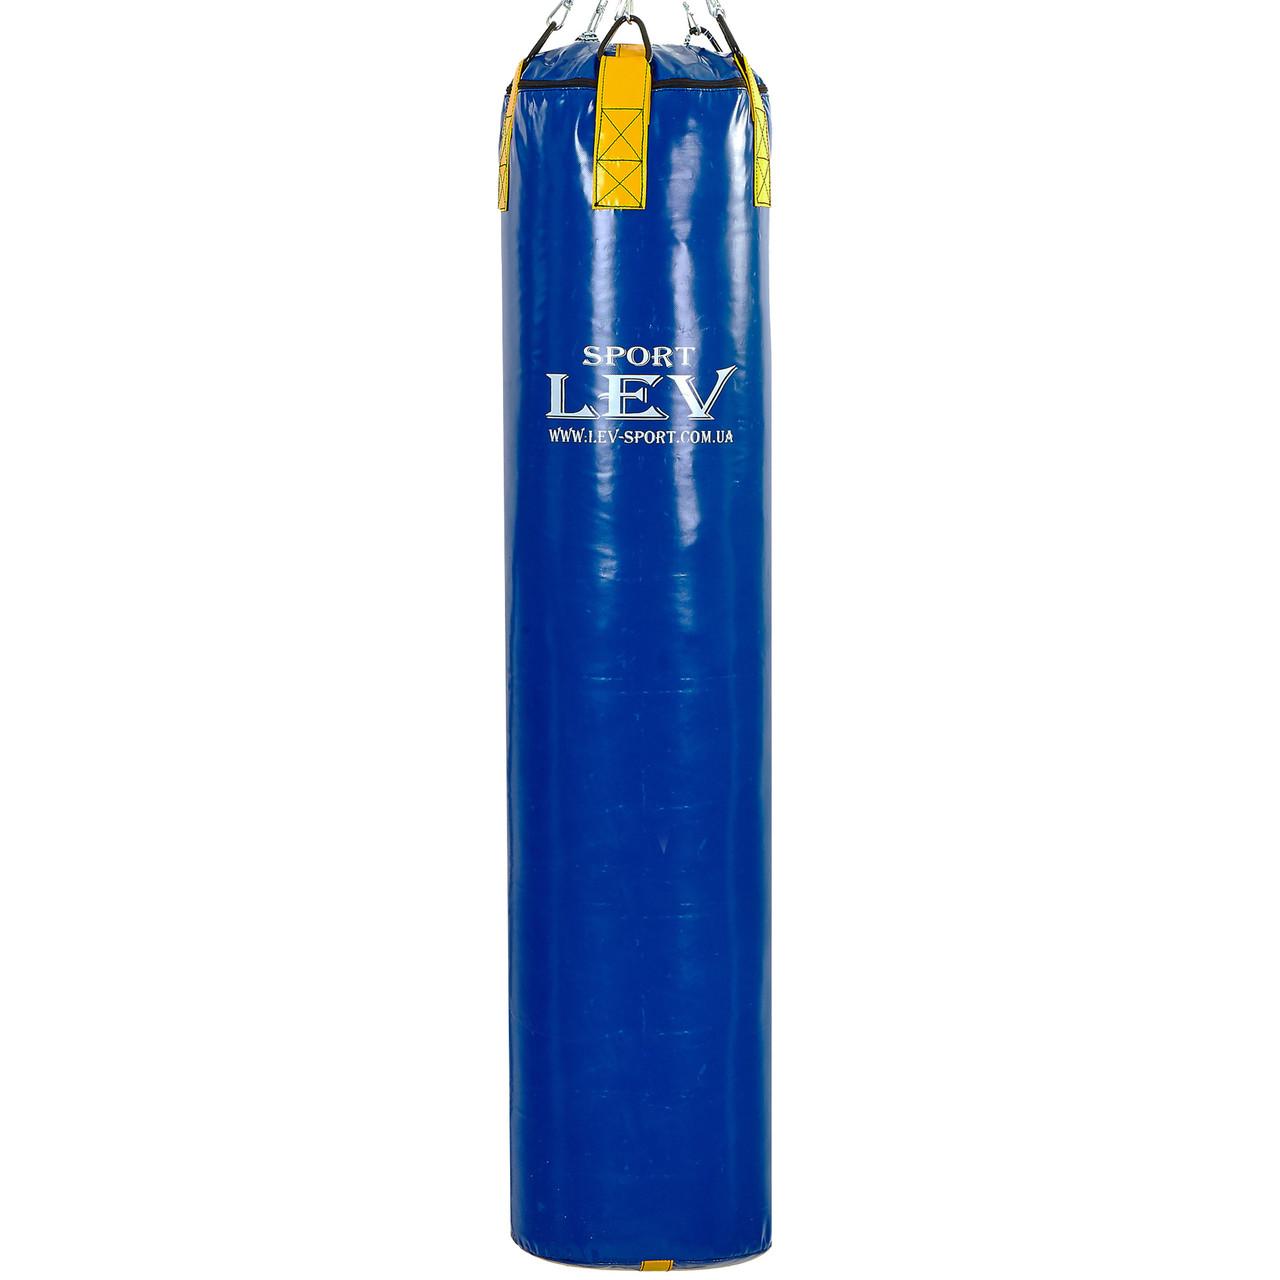 Мешок для тайского бокса, тайский мешок ПВХ Lev Sport 1,5м, d=33см, вес 70кг, разные цвета, без цепей